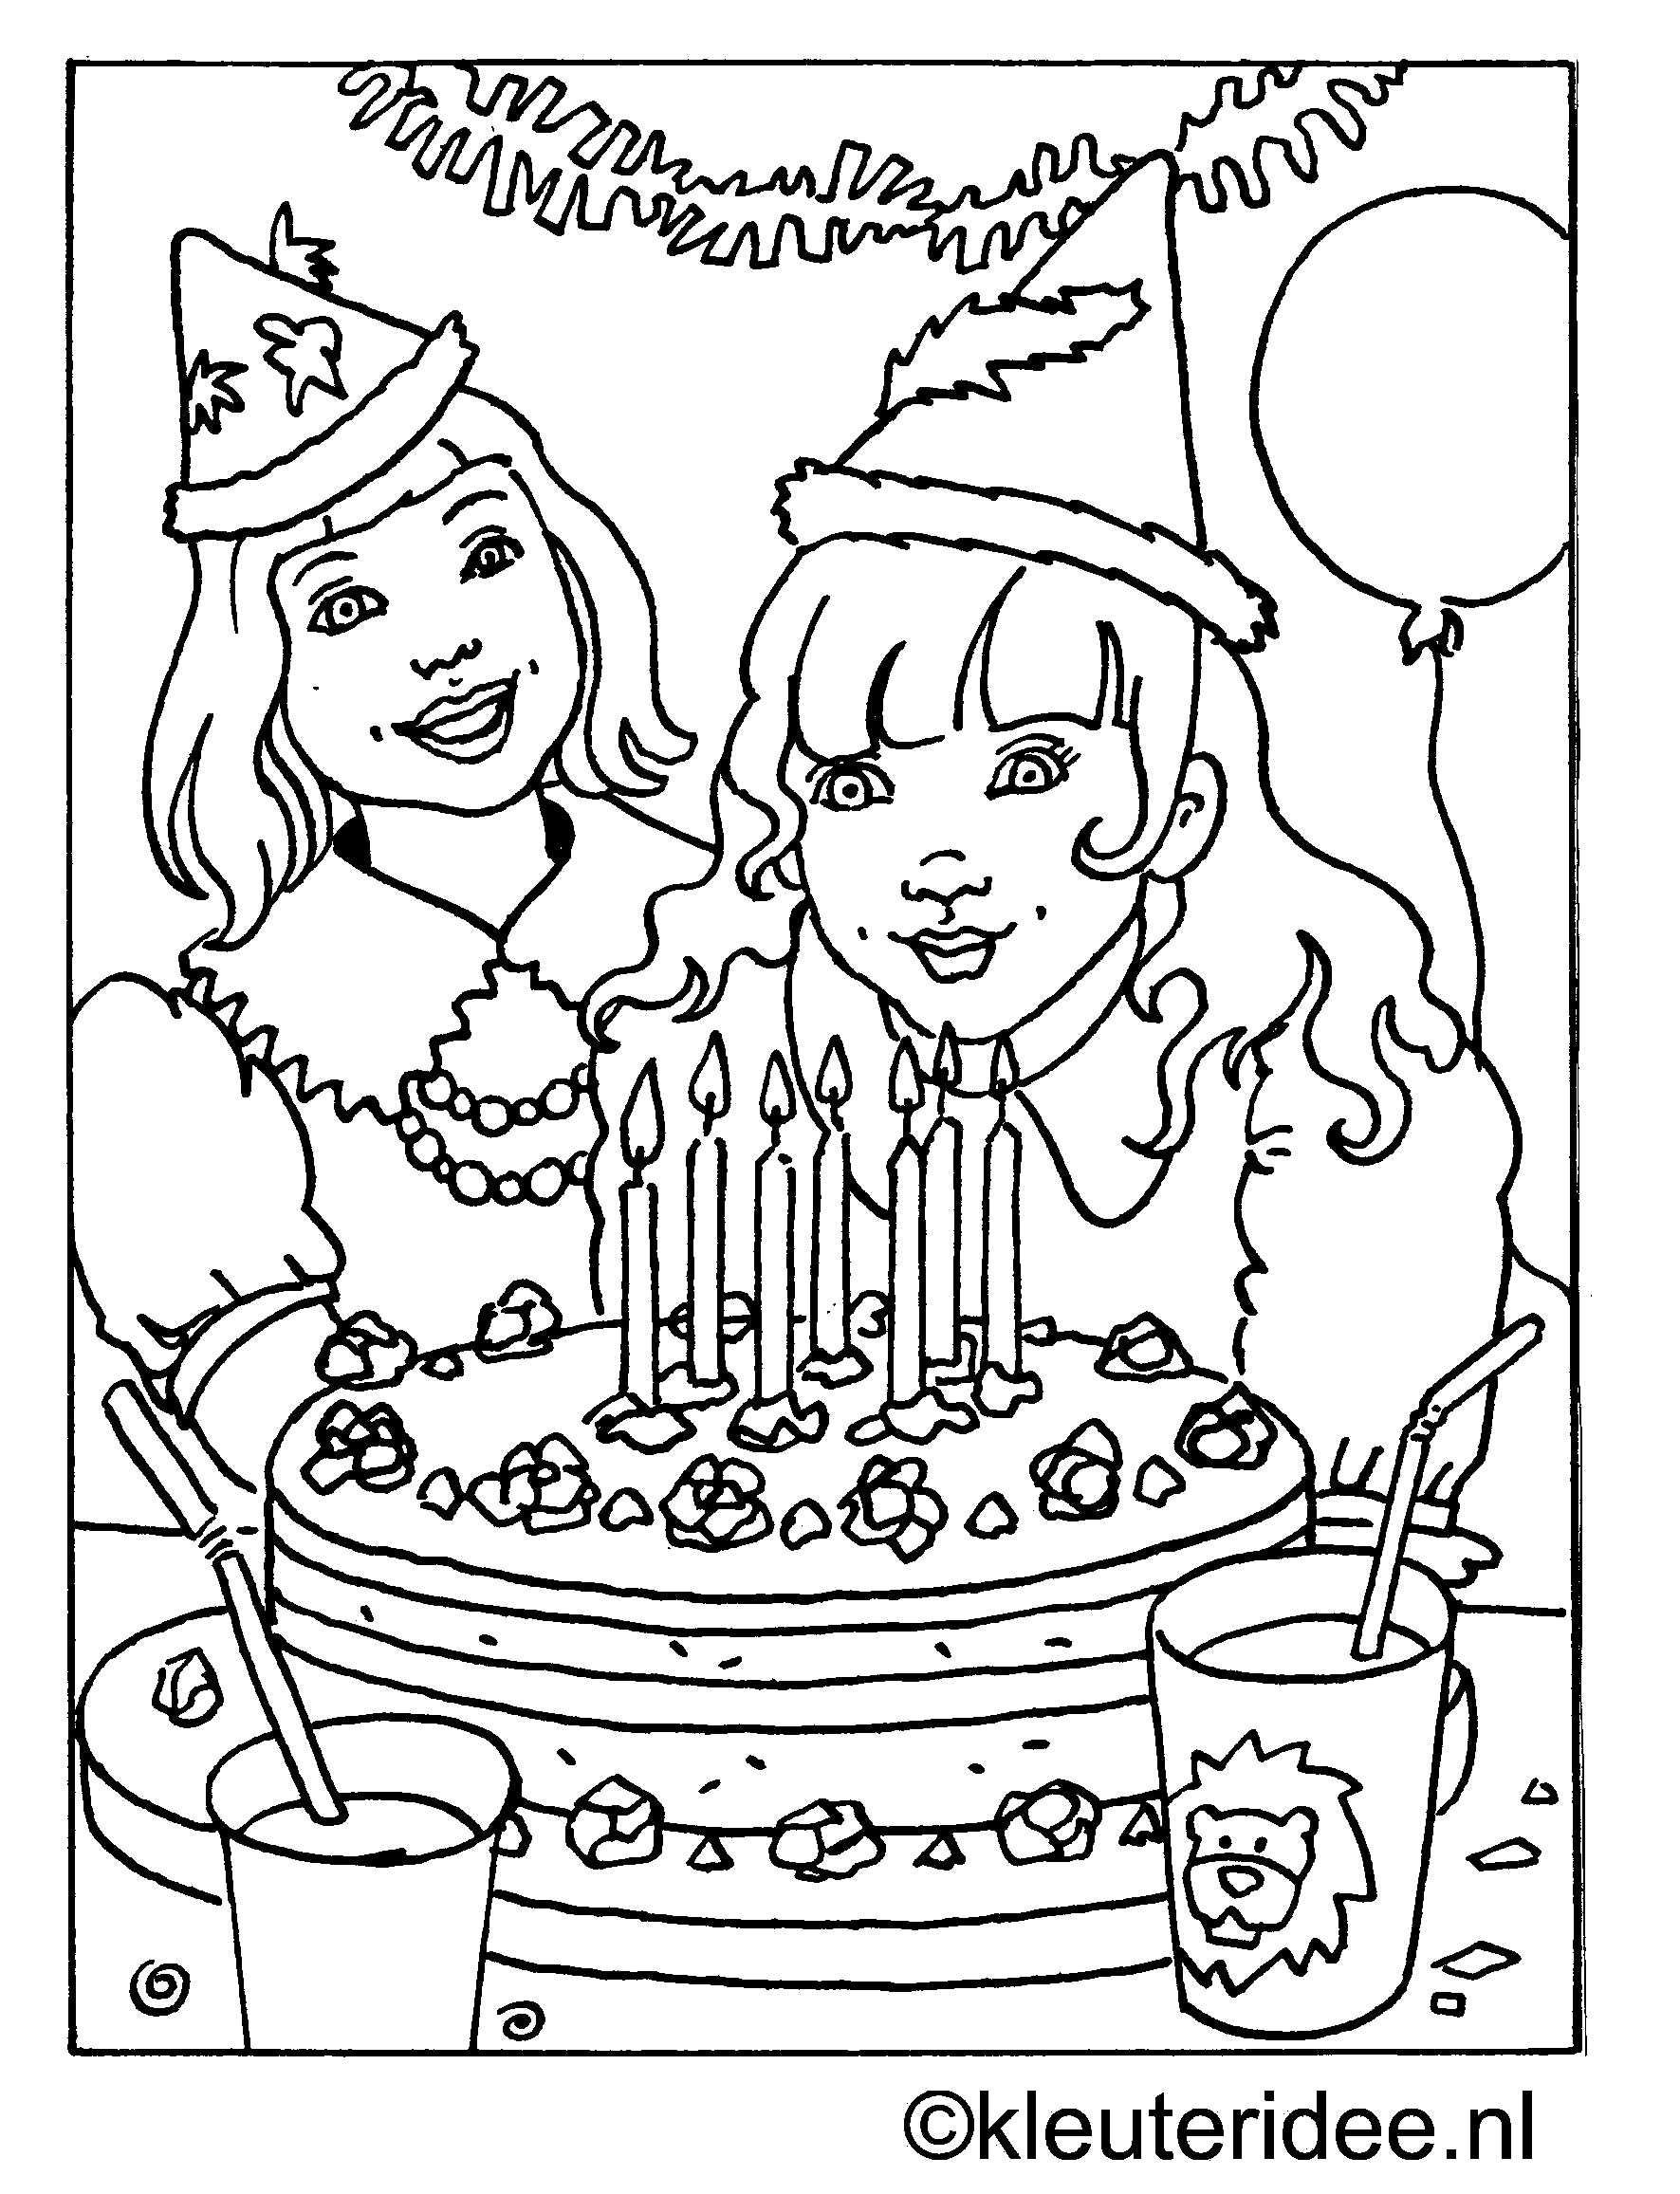 Kleurplaat Verjaardag Kleuteridee Nl Jpg 1 771 2 313 Pixels Kleurplaten Kleuren Thema